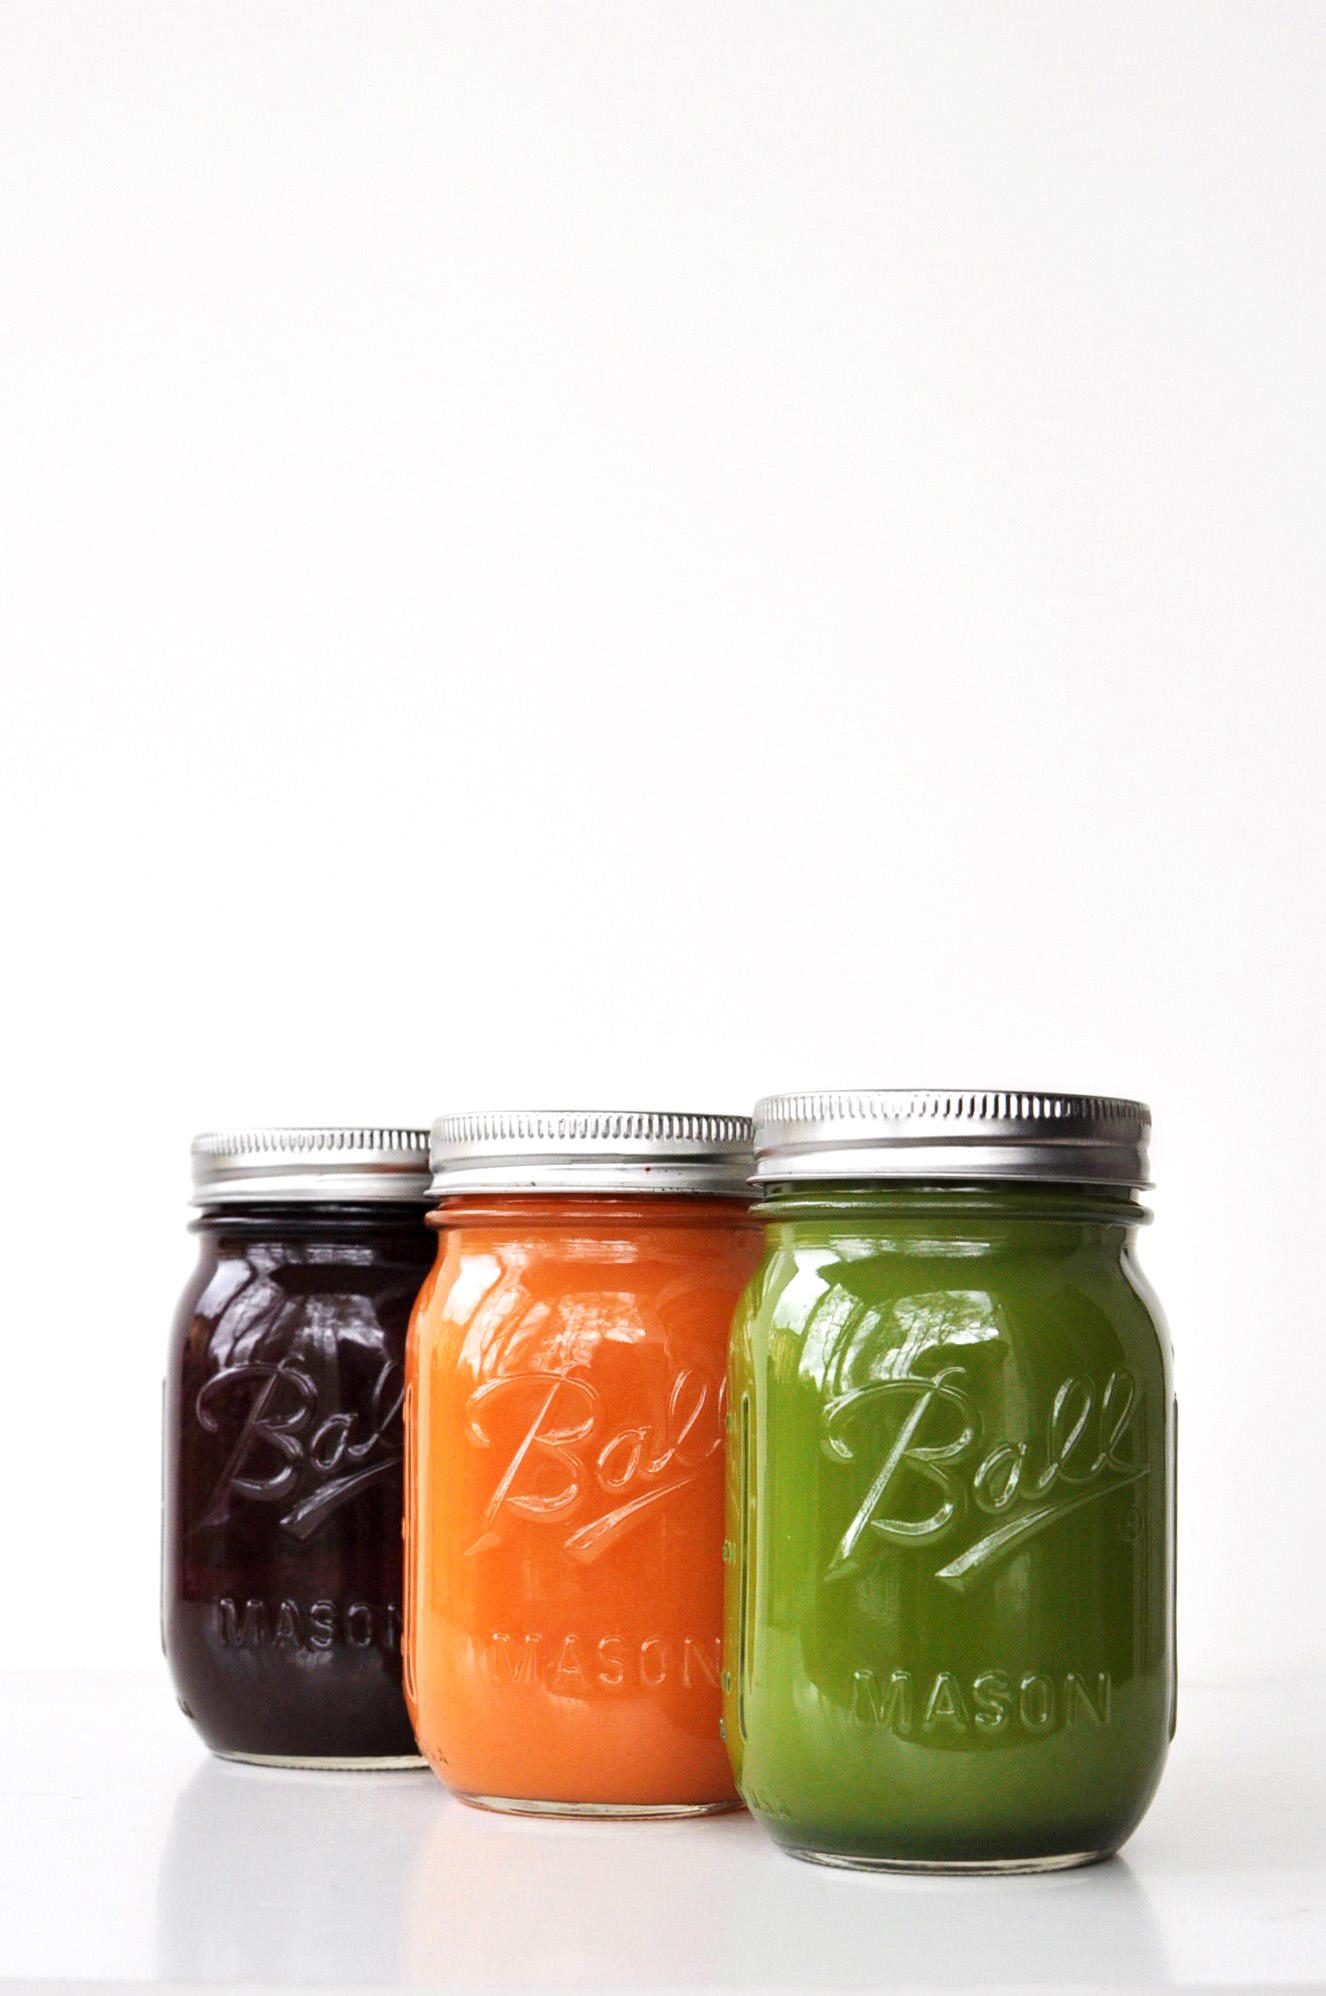 Ball jars vertical copy.jpg